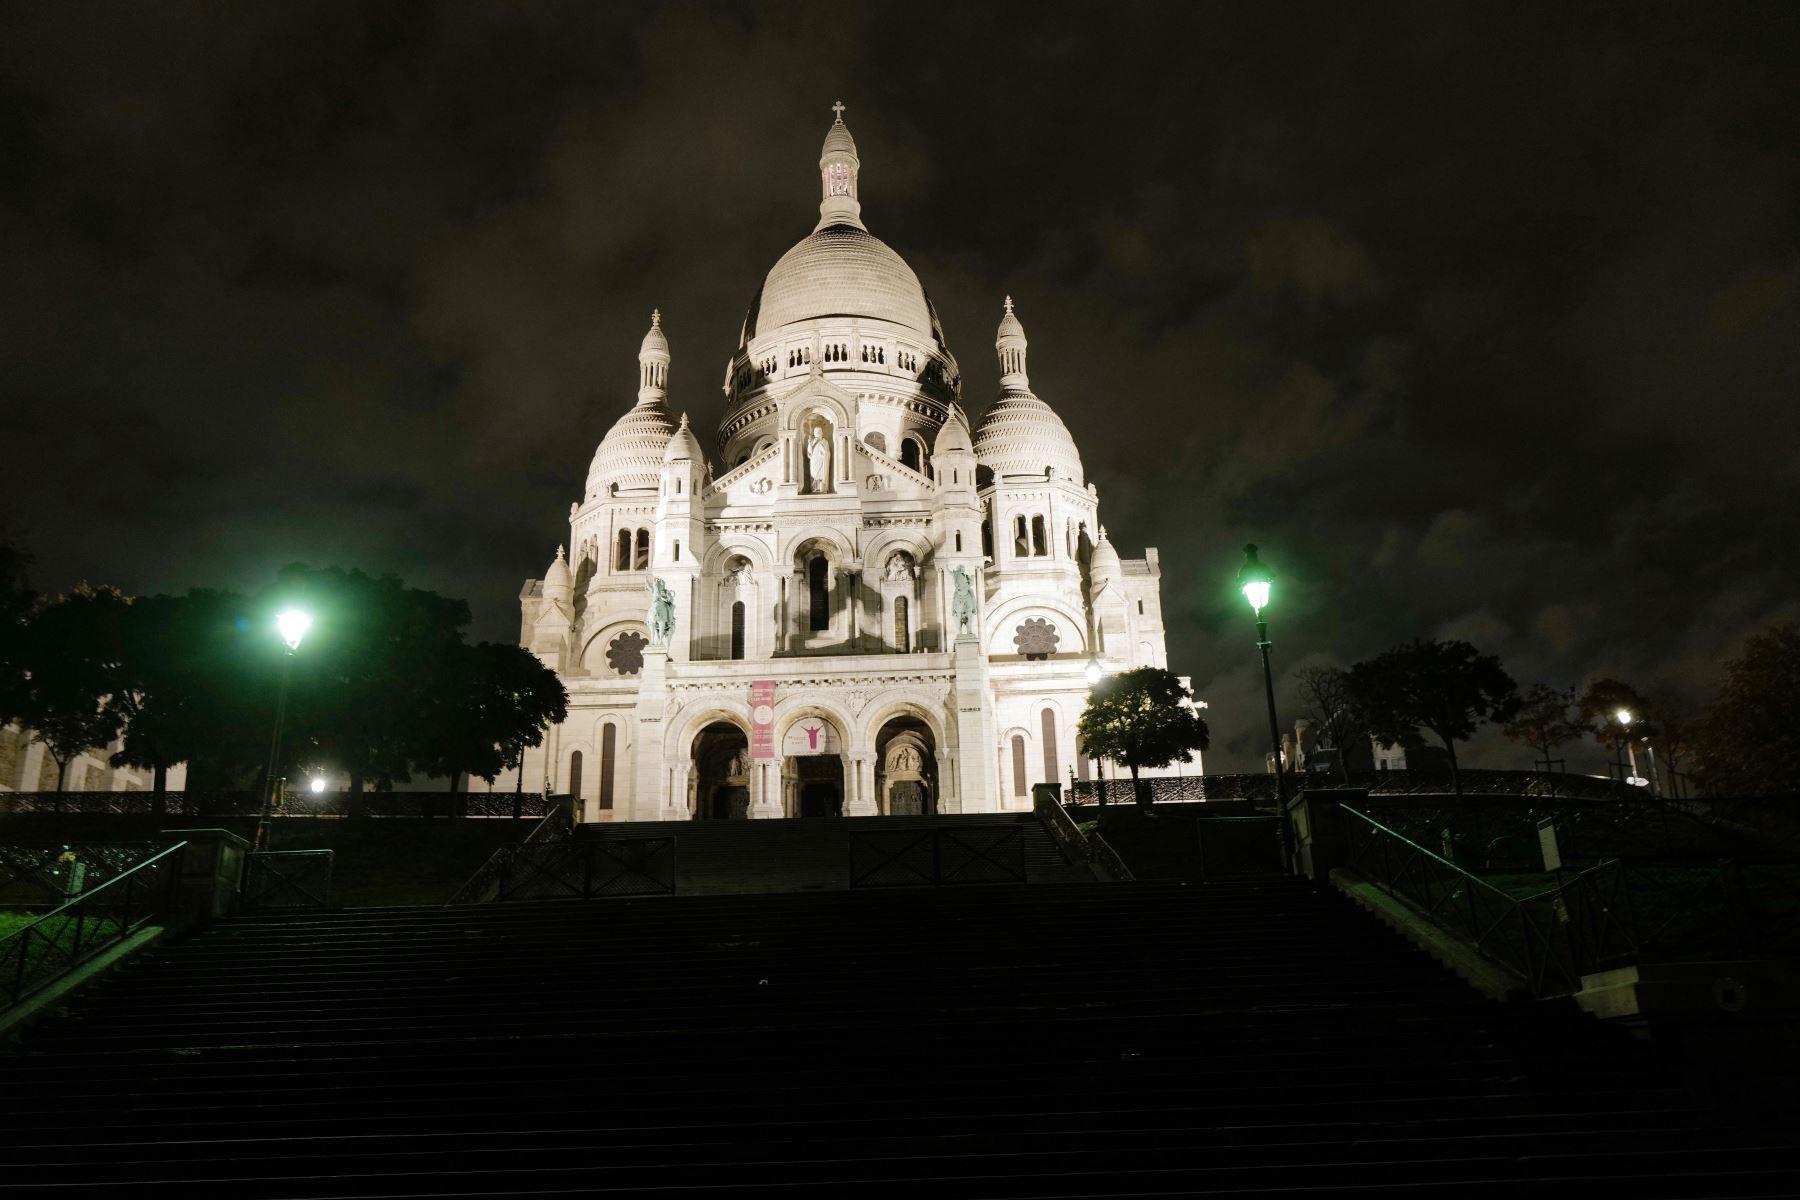 Una foto tomada durante la noche muestra el Sacre Coeur (Basílica del Sagrado Corazón) en Montmartre en el distrito 18 de París, durante un toque de queda nocturno como medida contra la propagación de la pandemia covid-19.  Foto: AFP